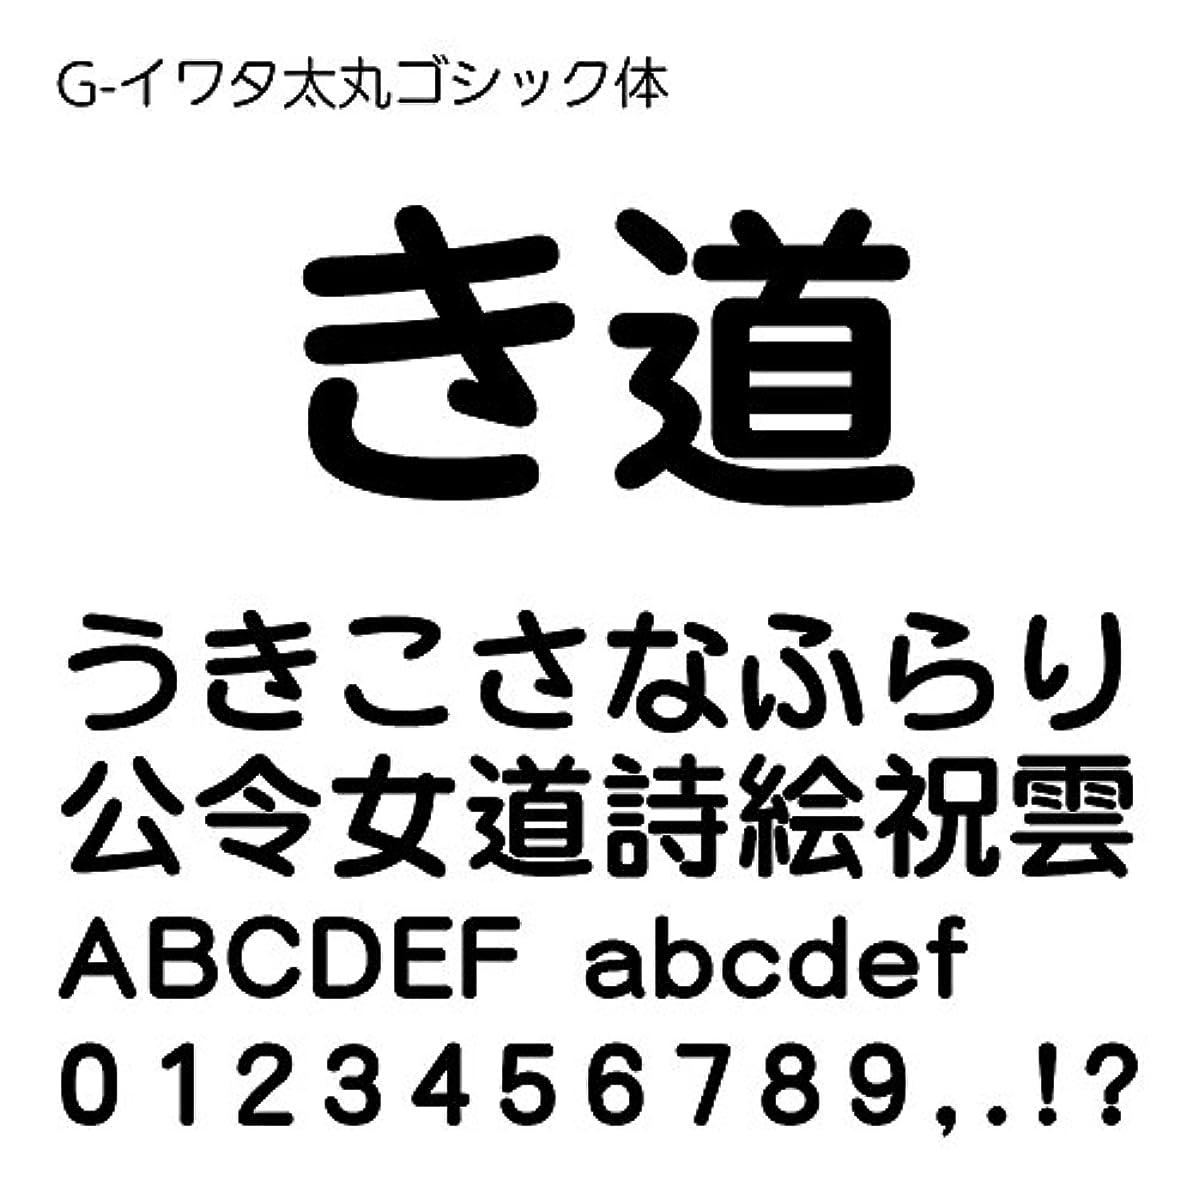 チャート分析的な発疹G-イワタ太丸ゴシック体 TrueType Font for Windows [ダウンロード]